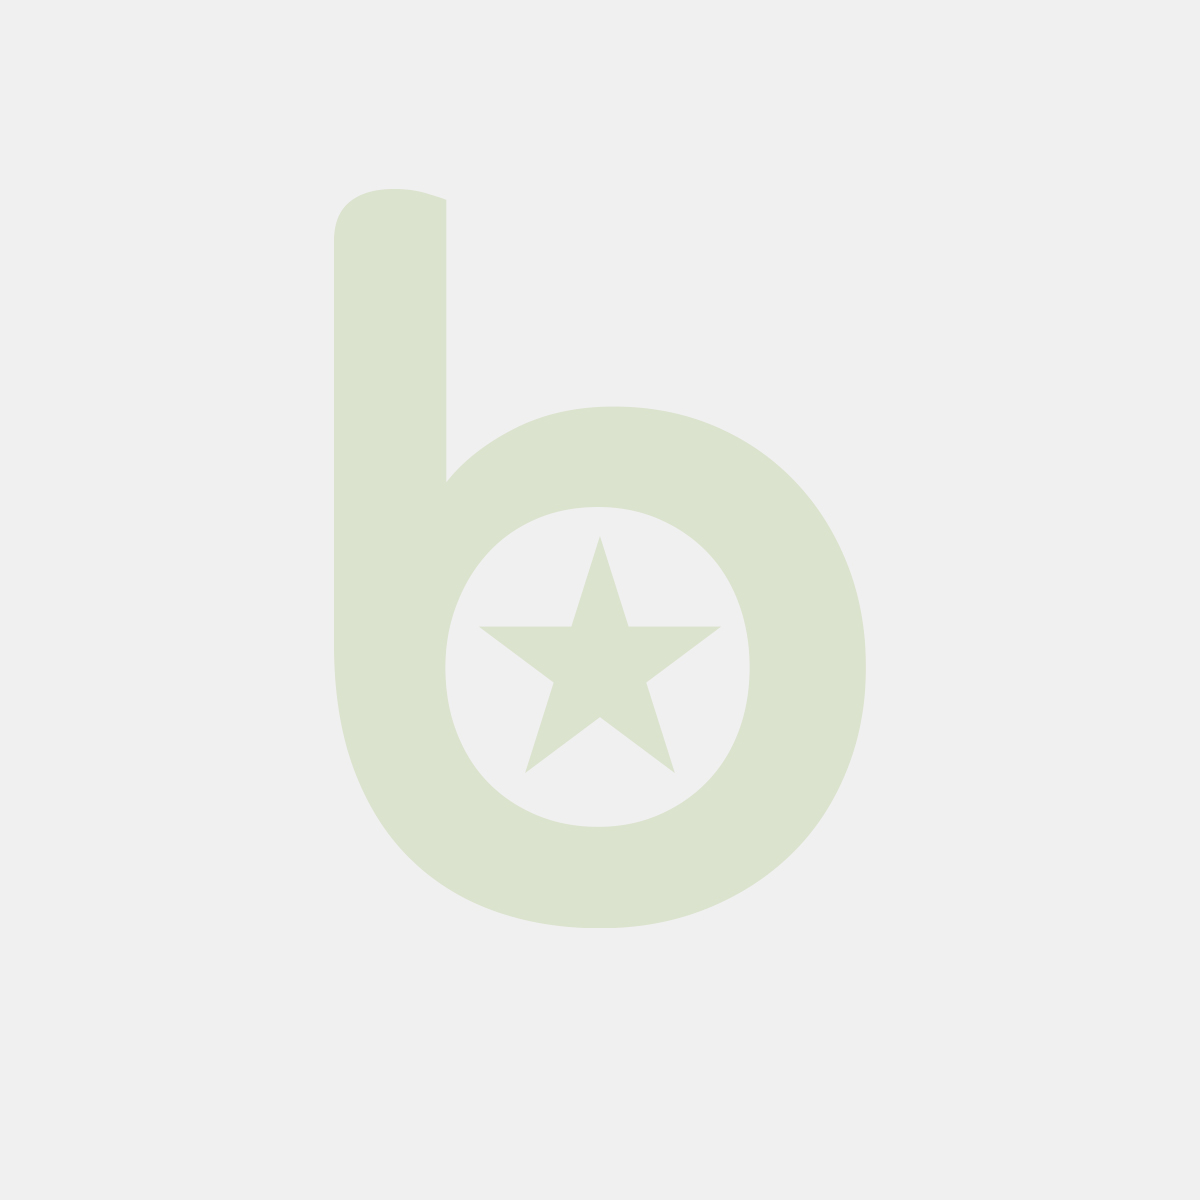 Bieżnik PAPSTAR ROYAL Collection Adele z PV-Tissue Mix przypominającej tkaninę,w rolce 24m/40cm zielony, bibuła